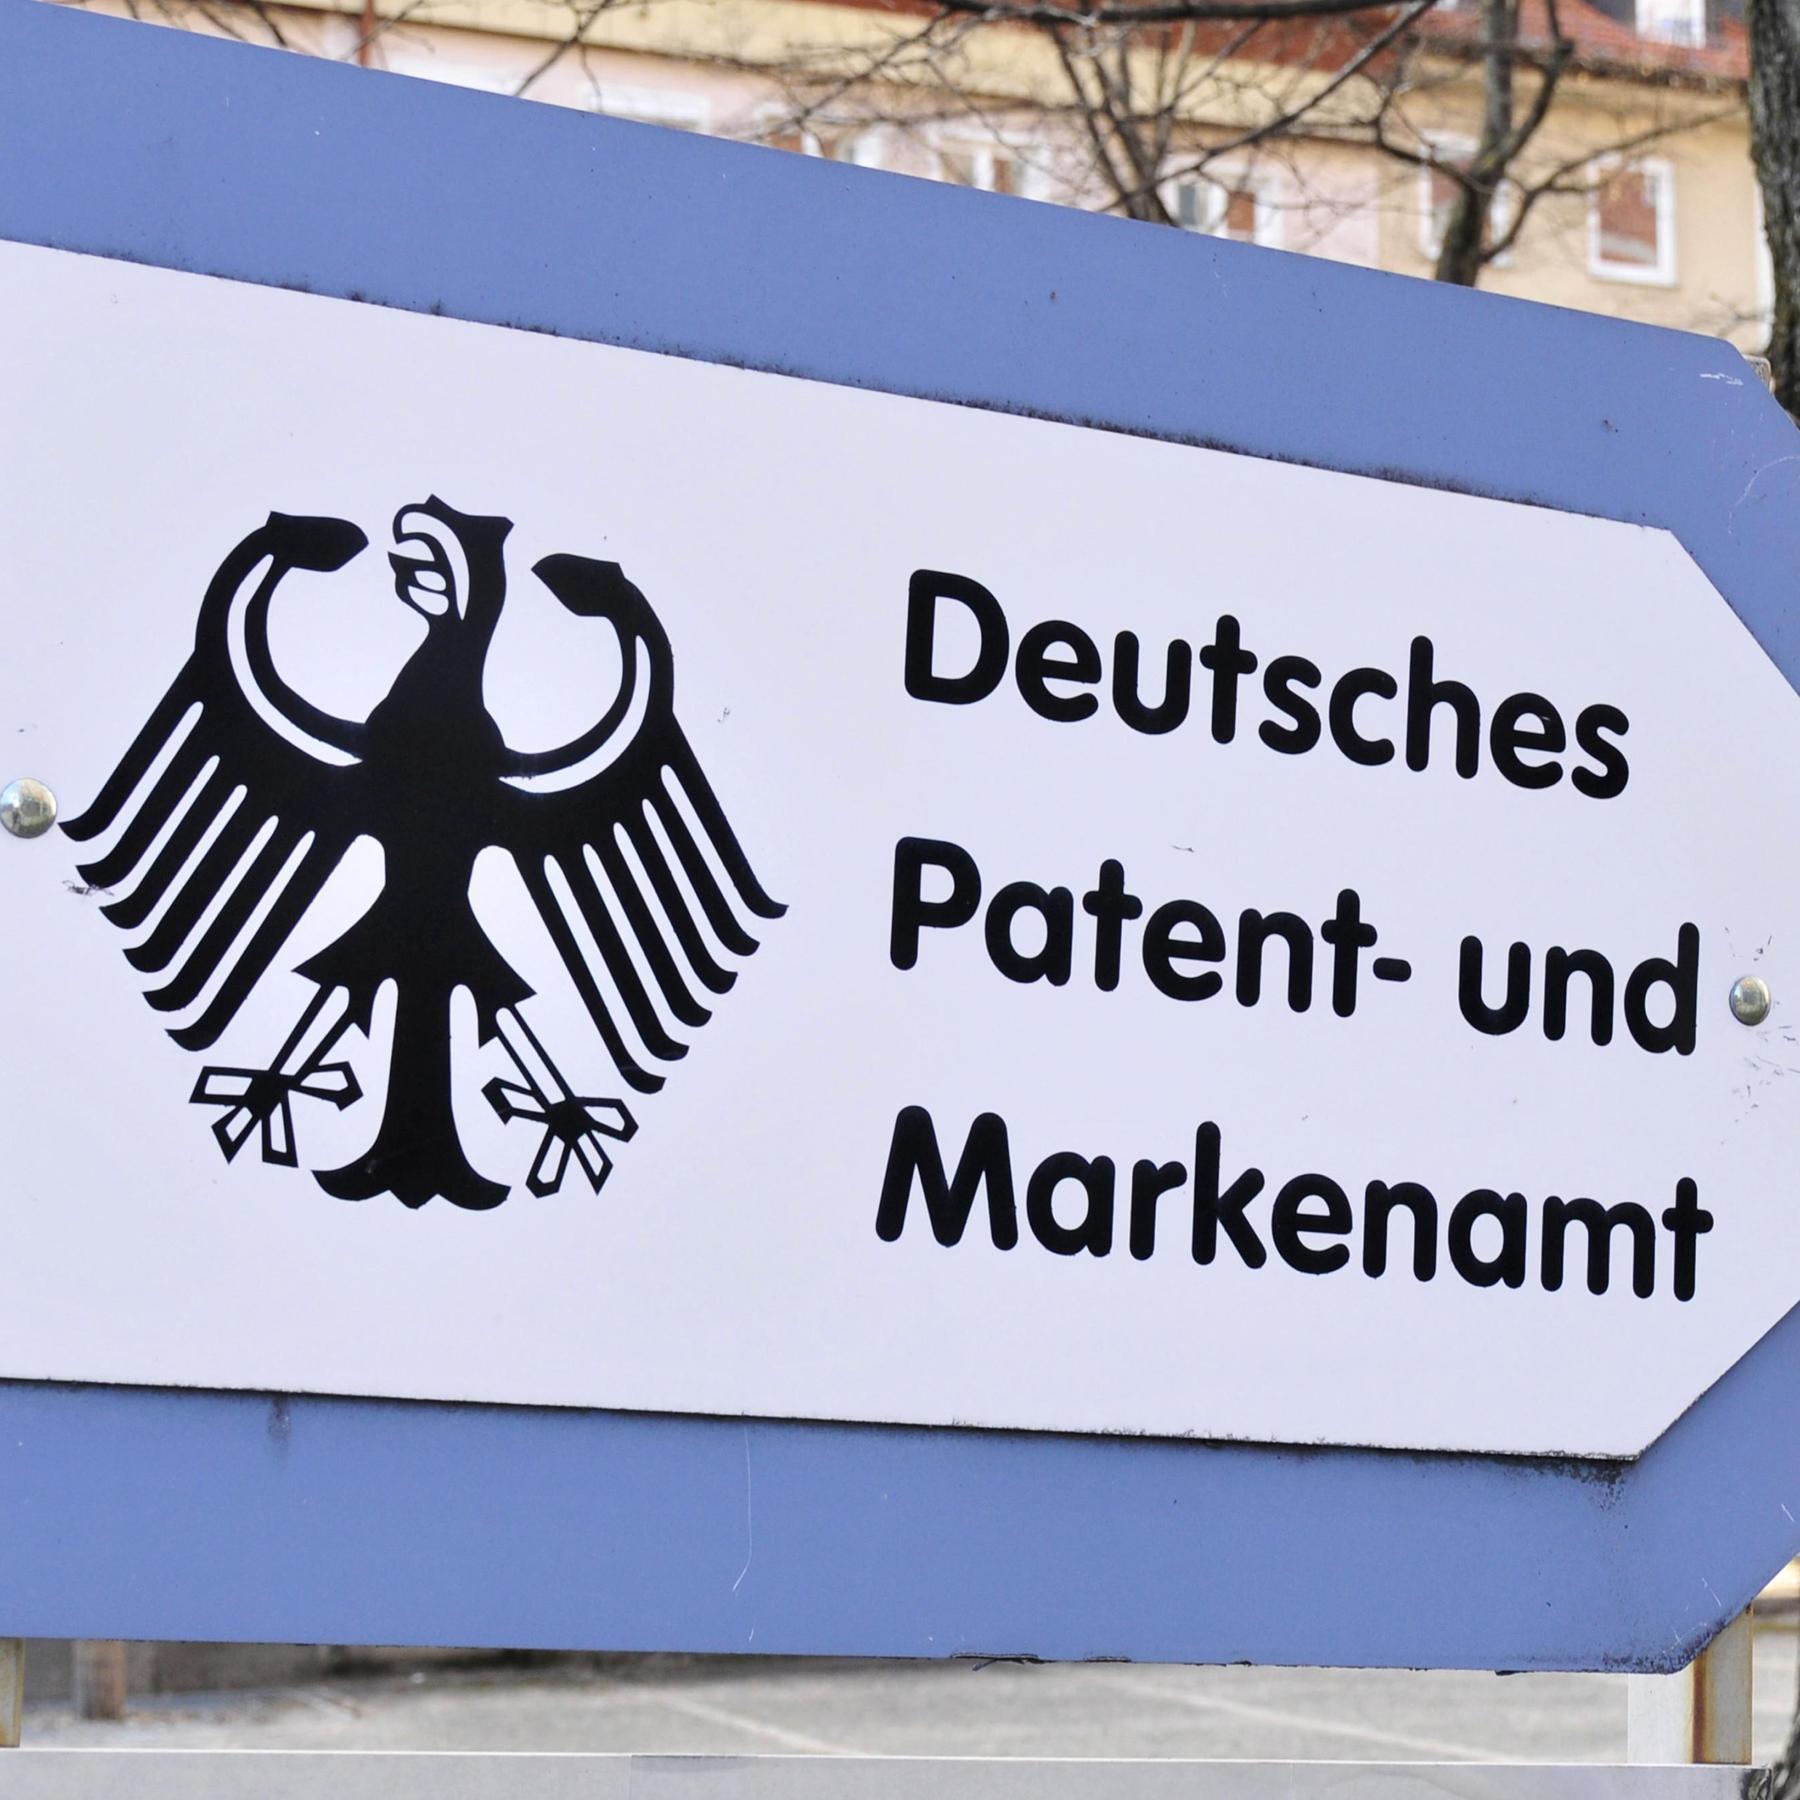 Patentschutz - Die Geschichte eines umstrittenen Konzepts